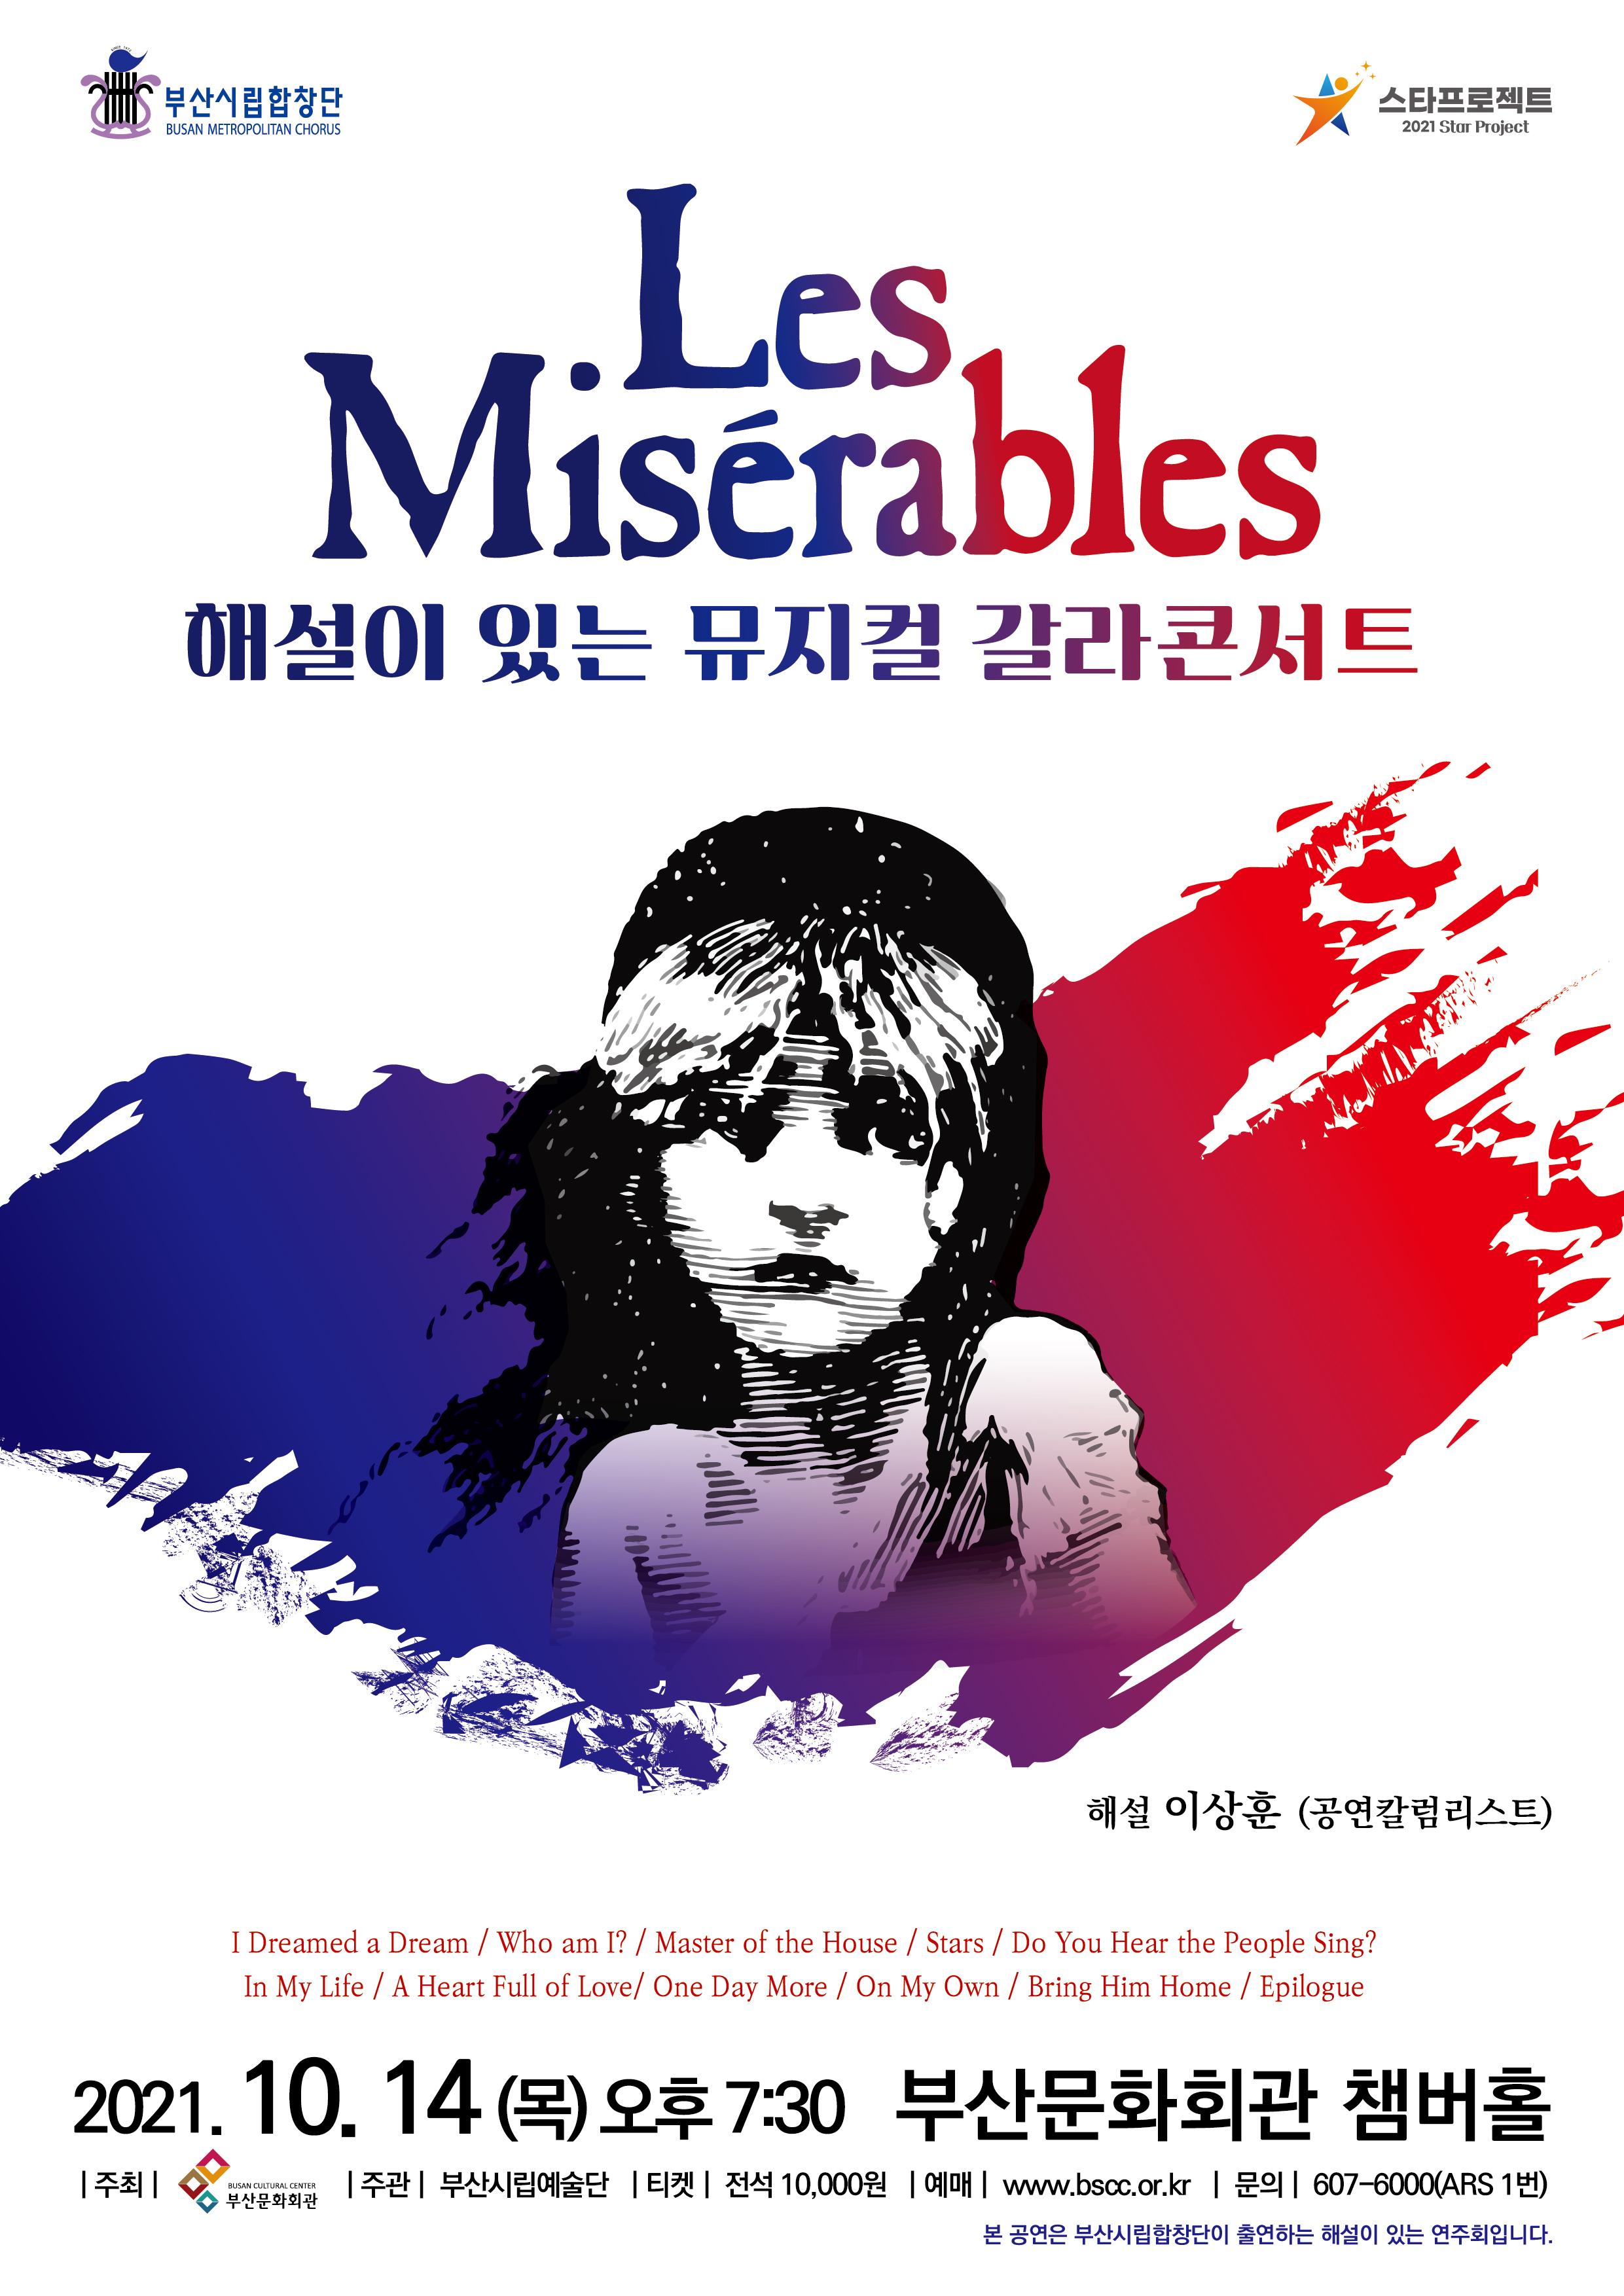 부산시립합창단 스타프로젝트 <레 미제라블>